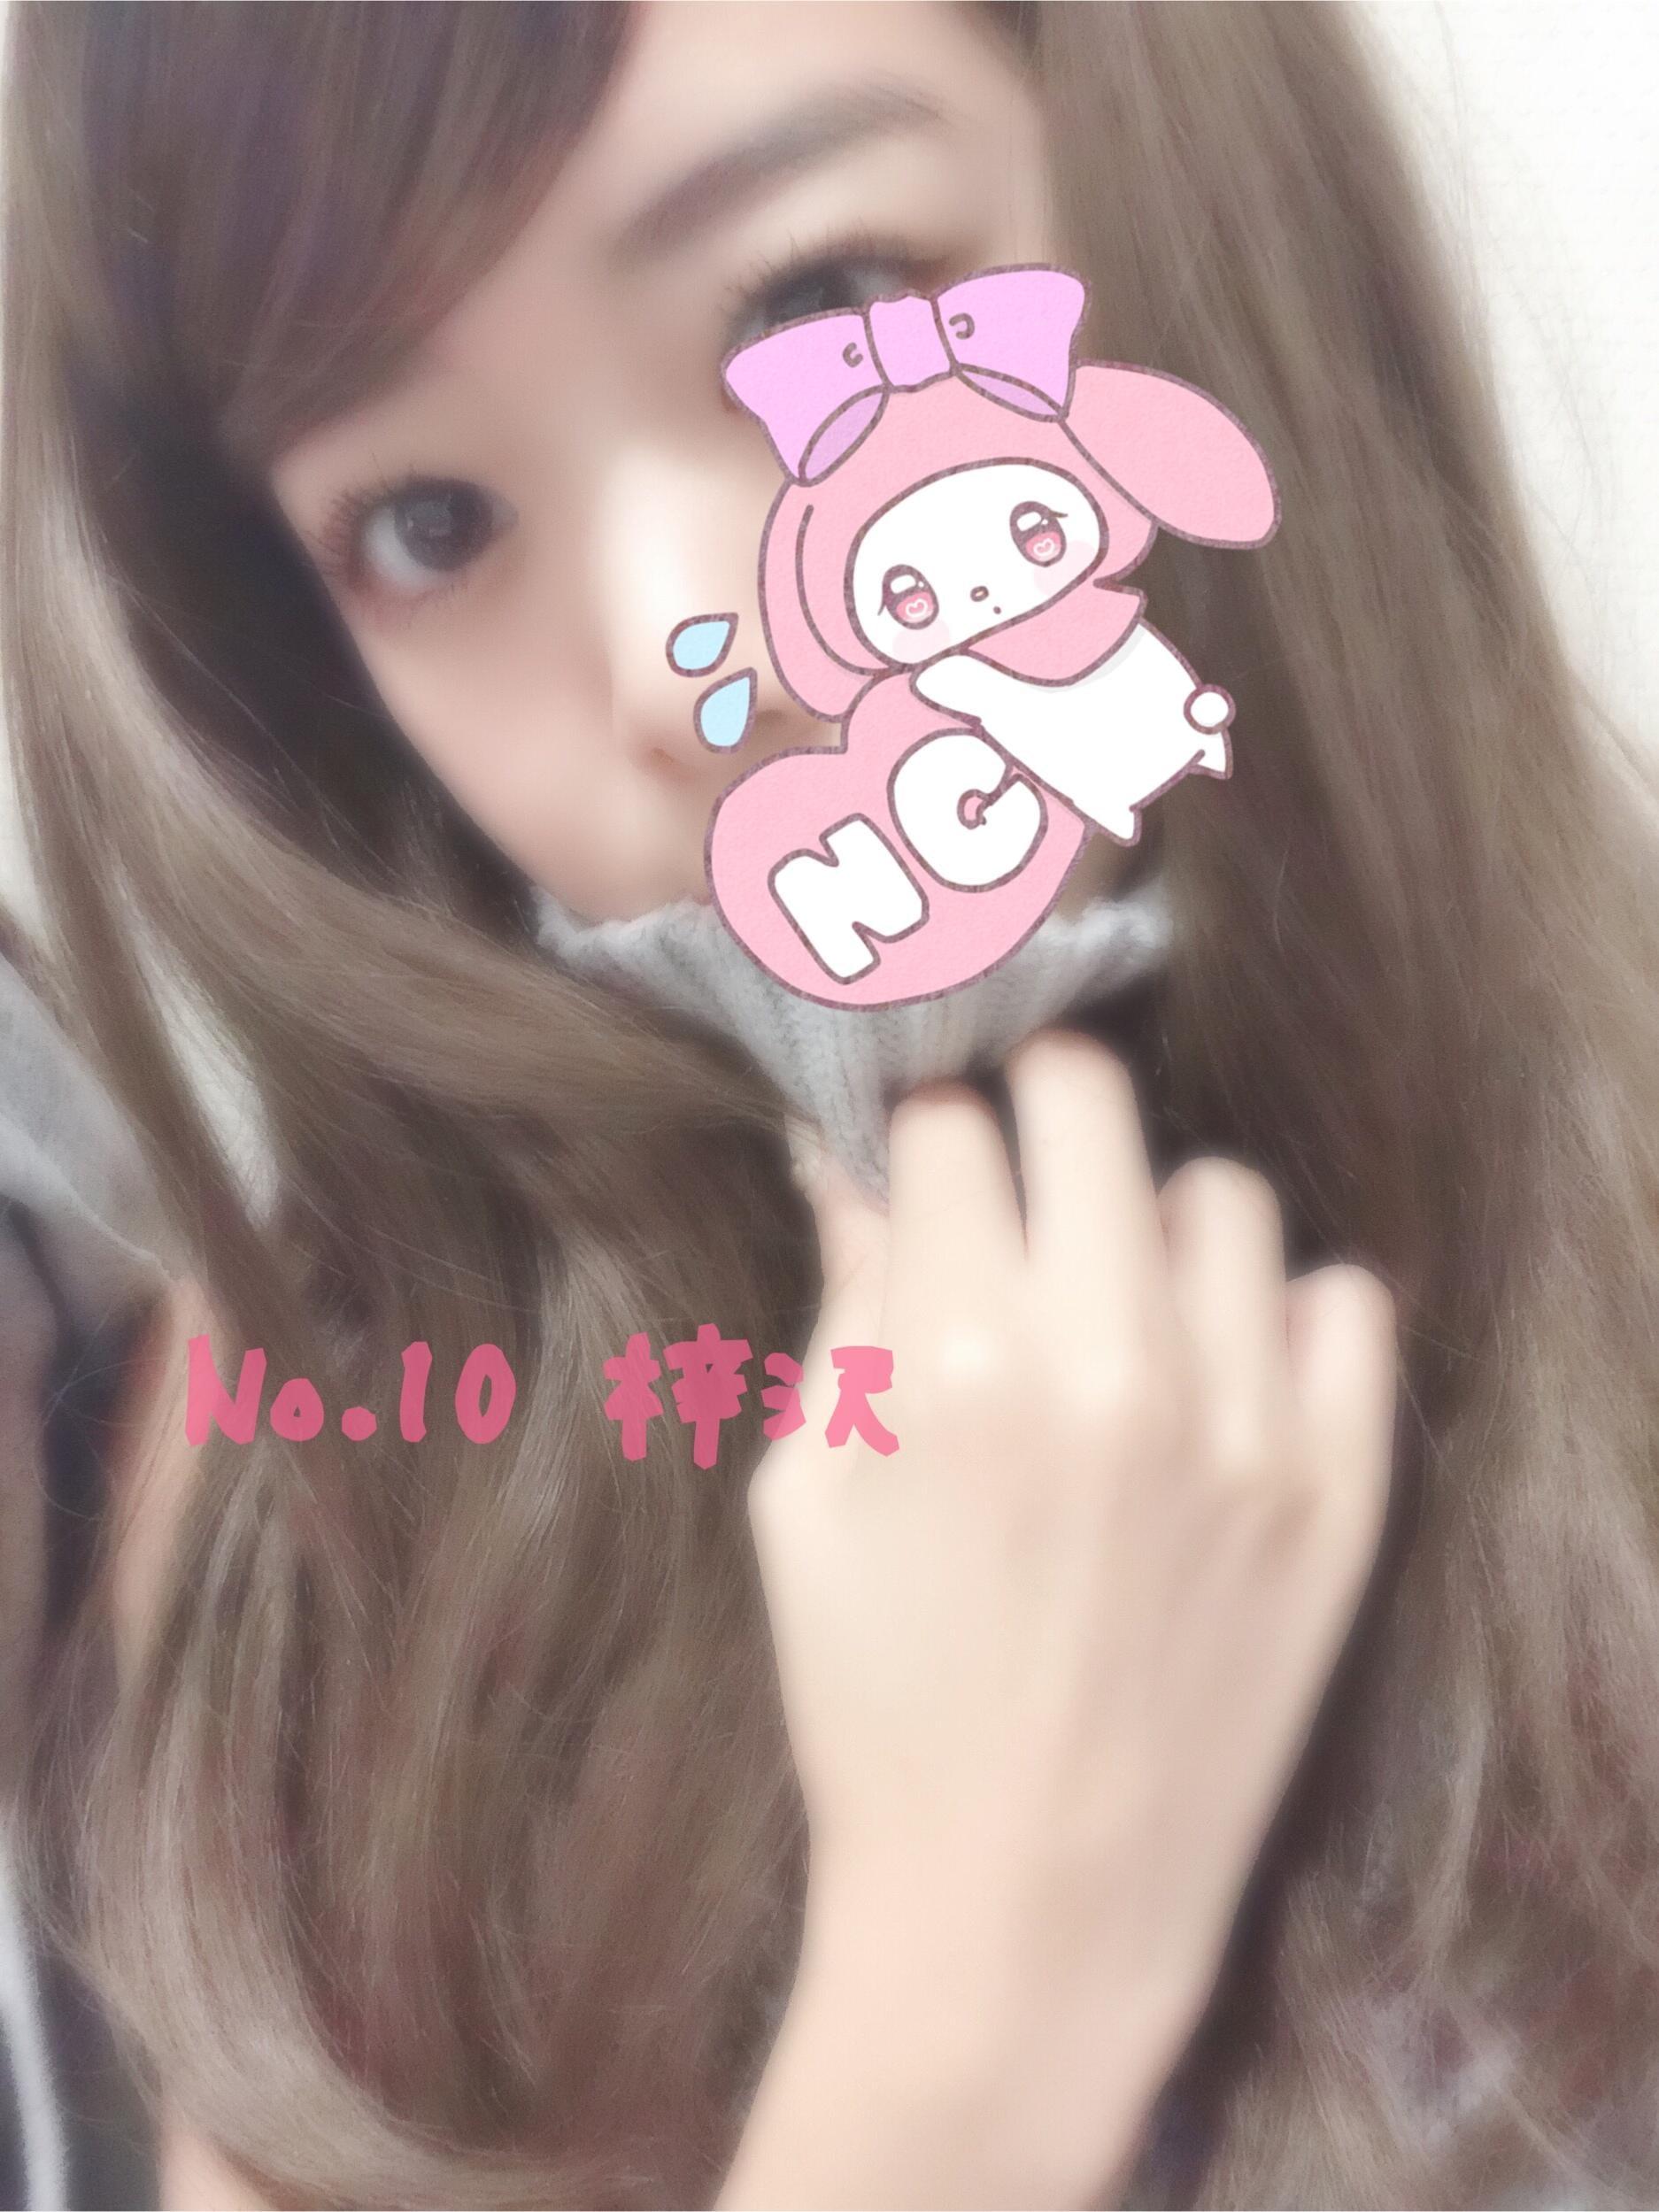 「今月はえろニットだーー」02/05(02/05) 16:00   梓沢の写メ・風俗動画